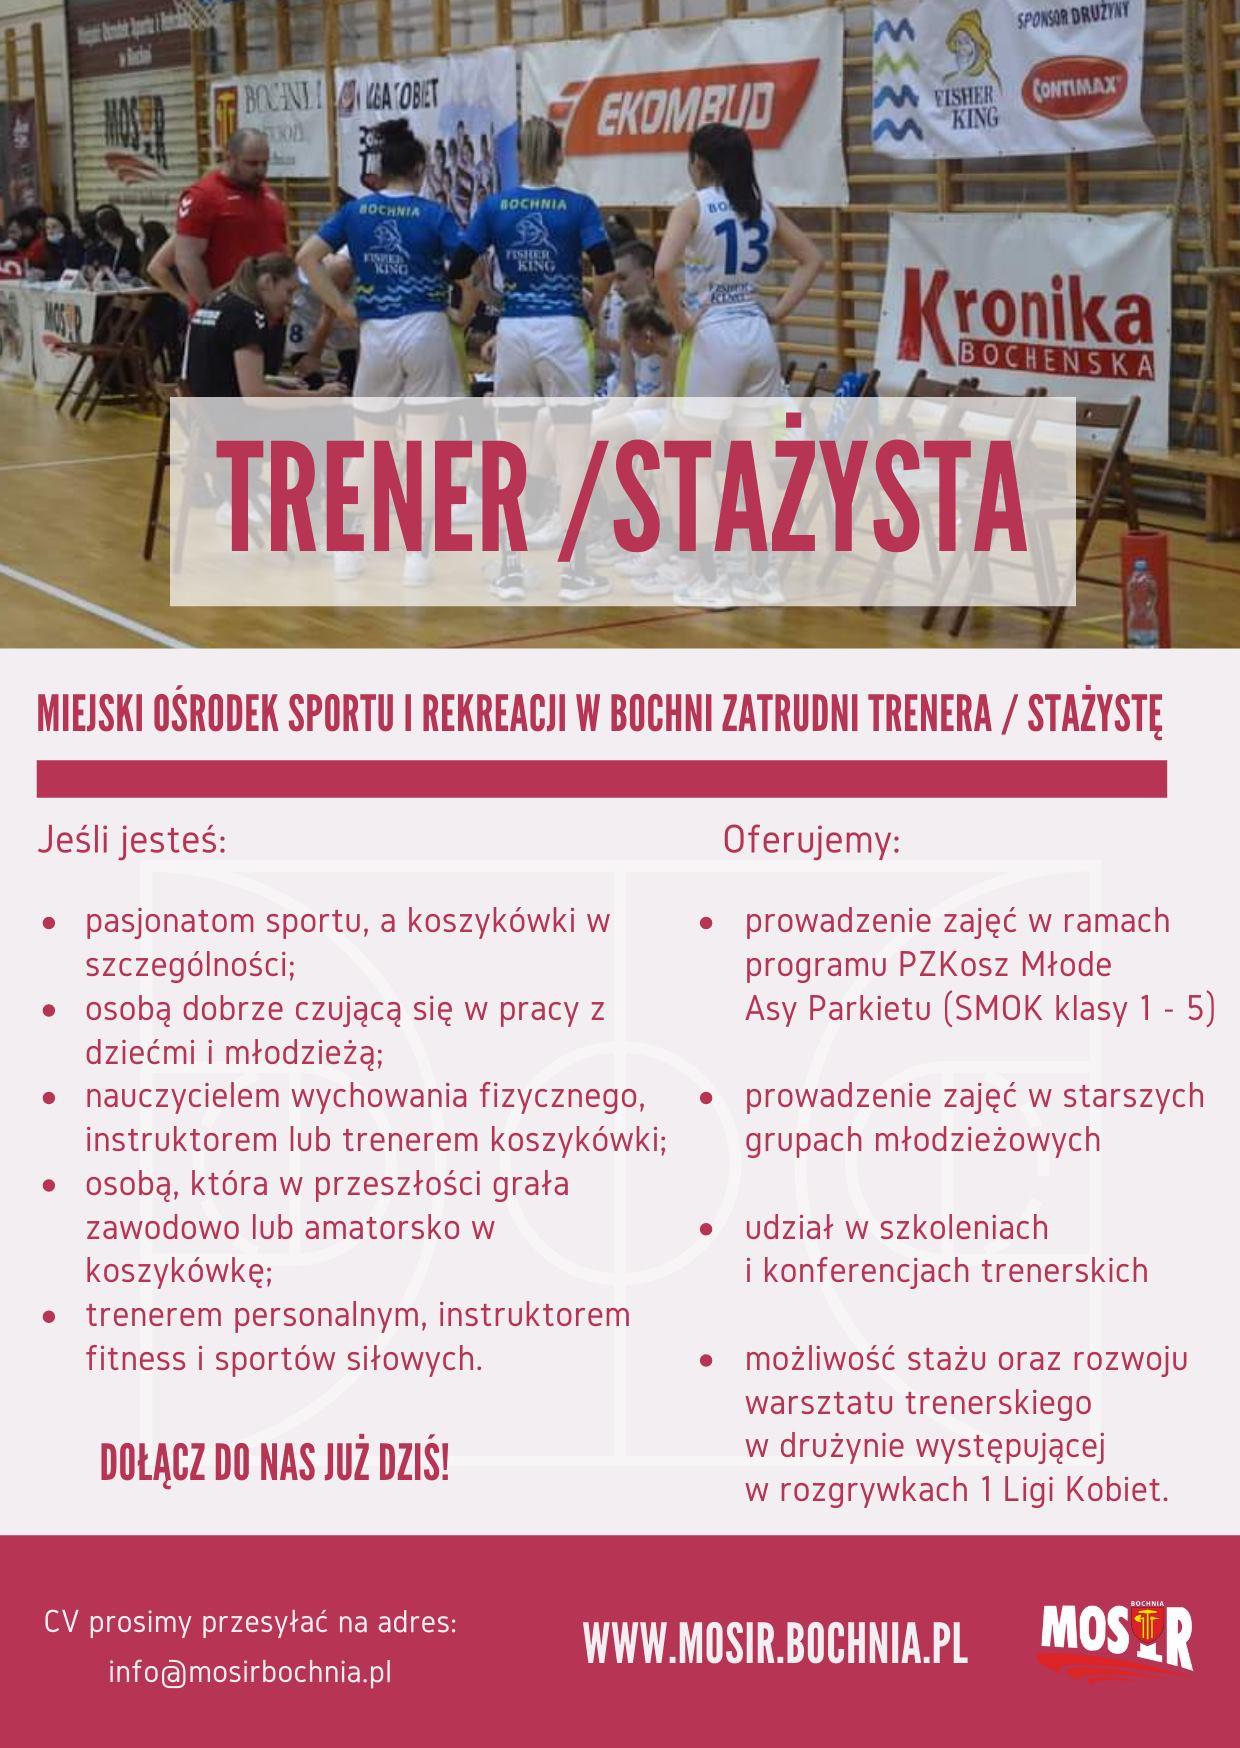 Koszykówka: zatrudnimy trenera/stażystę